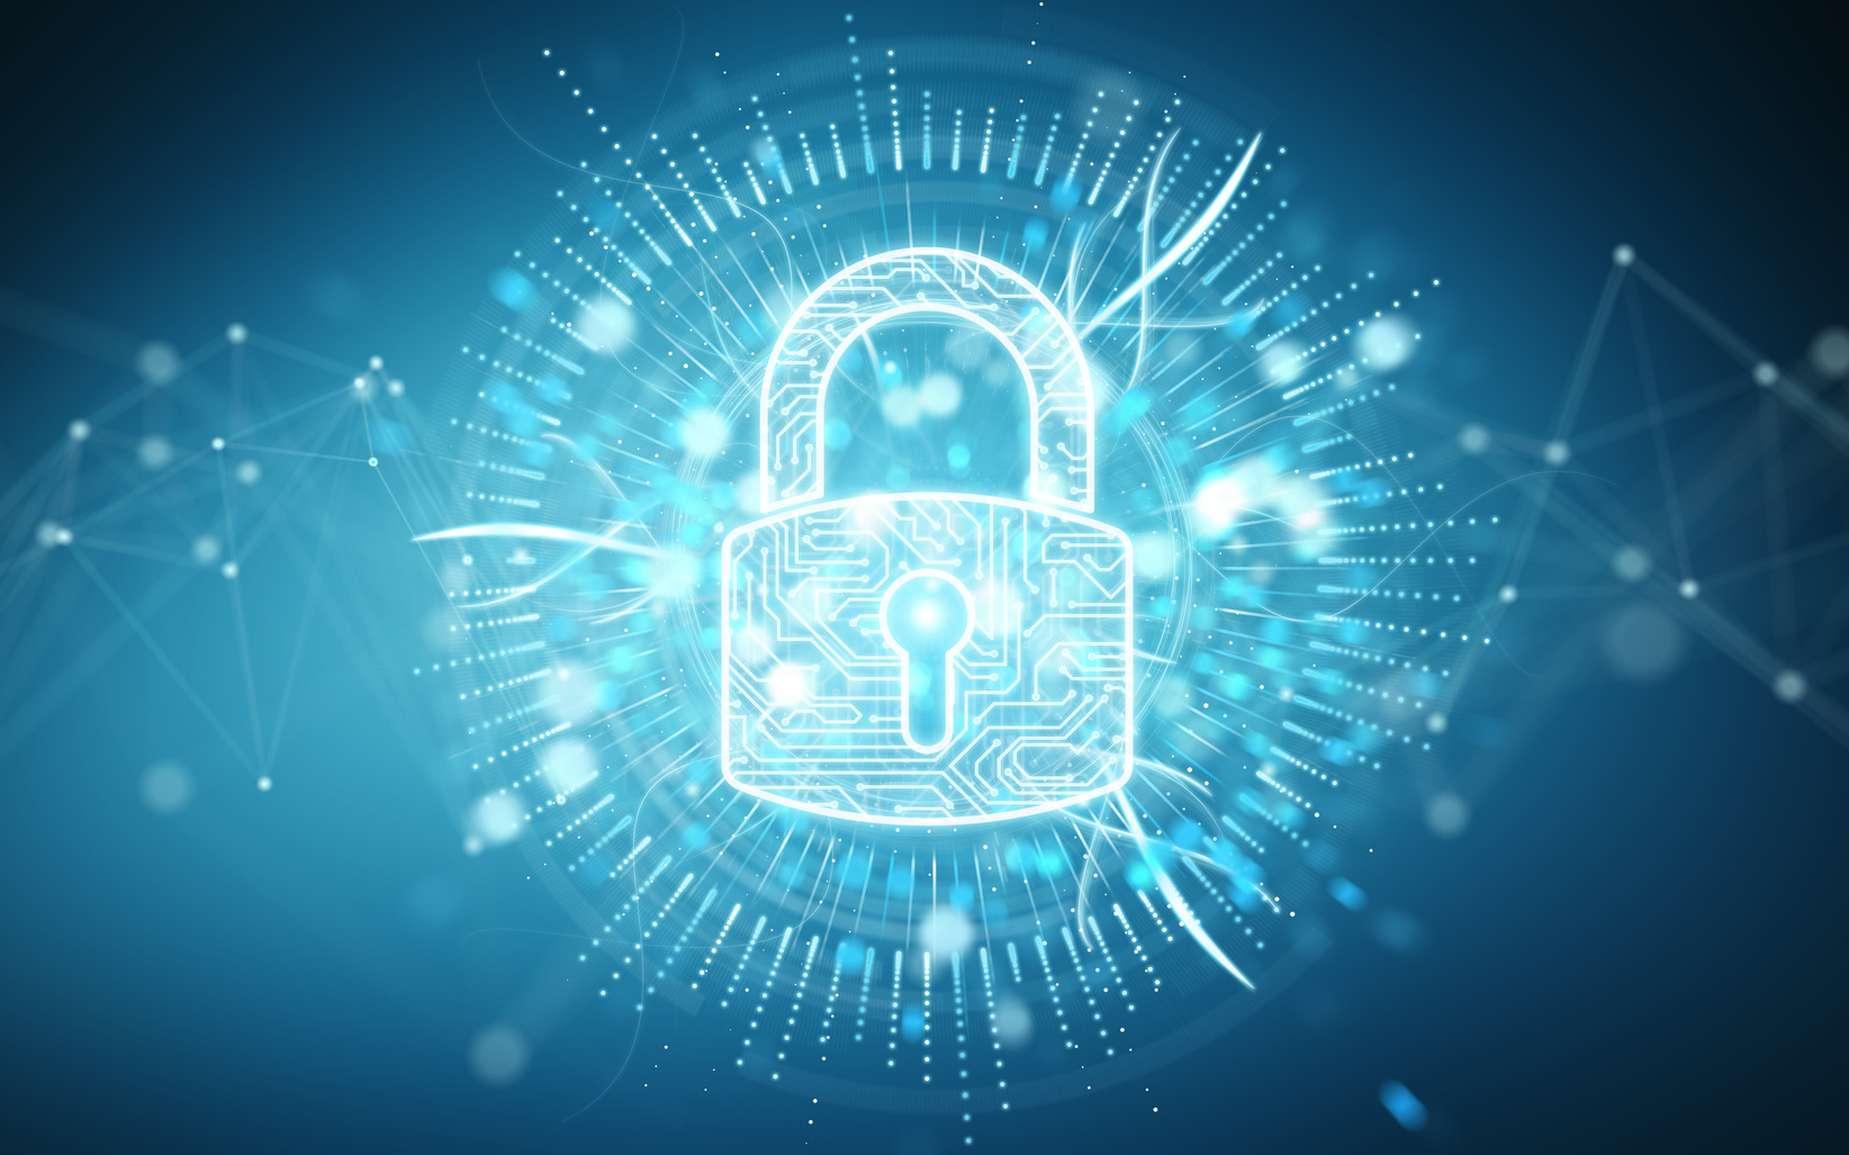 Le règlement européen sur la protection des données (RGPD) renforce les droits de citoyens sur l'accès à leurs données privées. © sdecoret, Fotolia